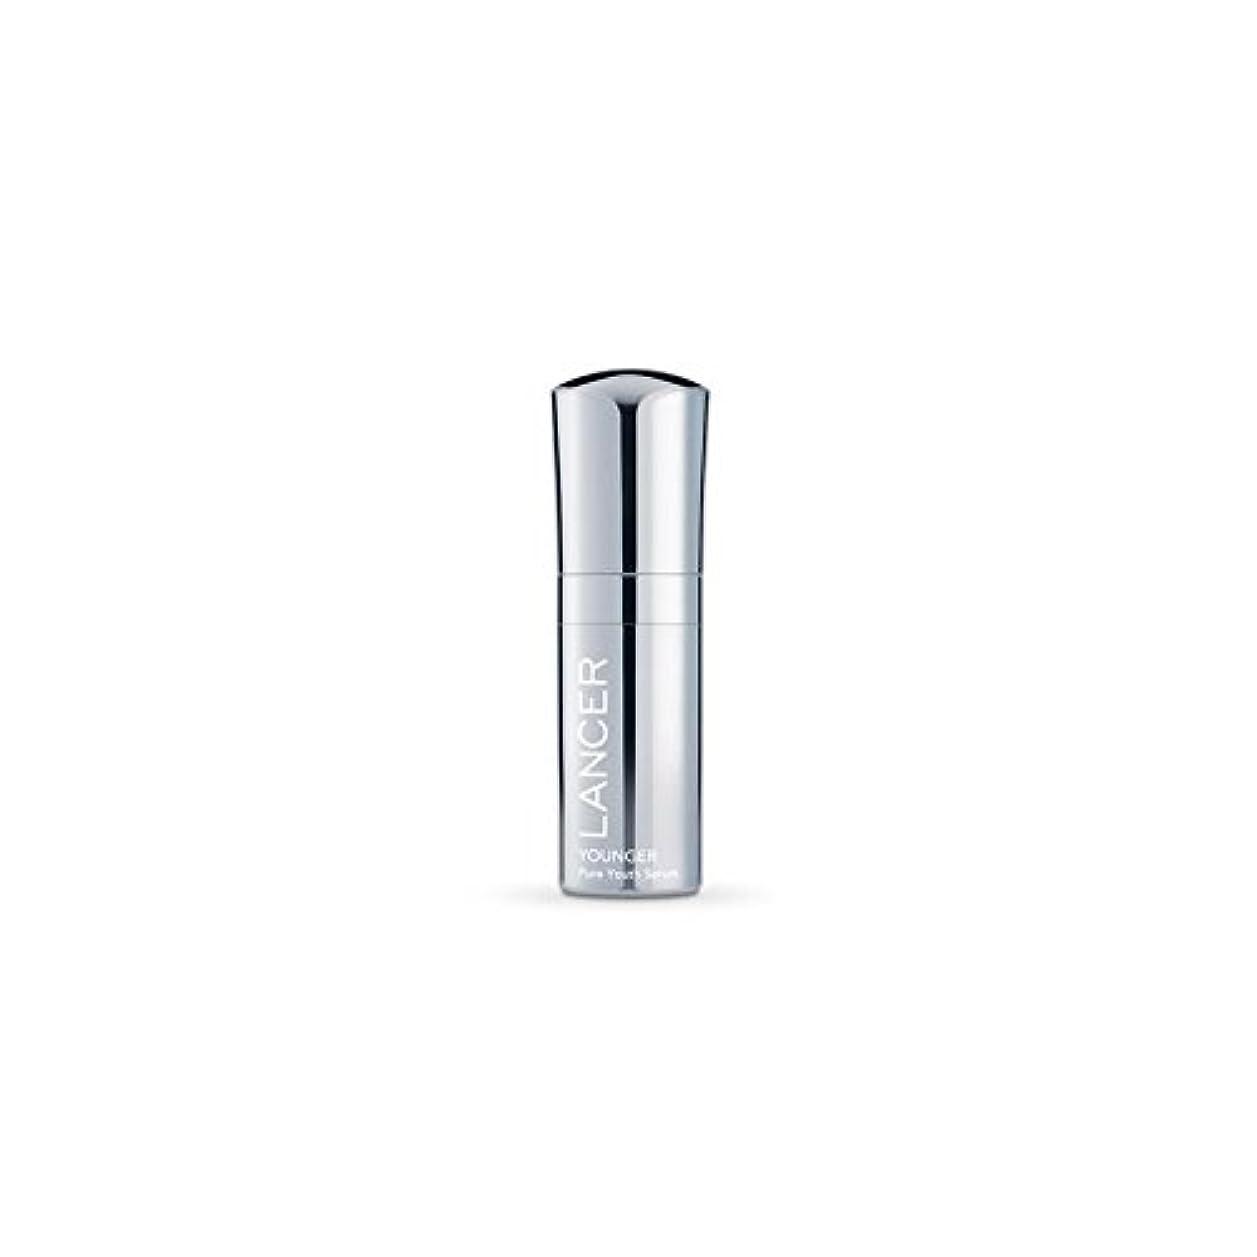 コントローラネクタイ磁気Lancer Skincare Younger Pure Youth Serum (30ml) (Pack of 6) - ランサースキンケア若い純粋な青年血清(30ミリリットル) x6 [並行輸入品]